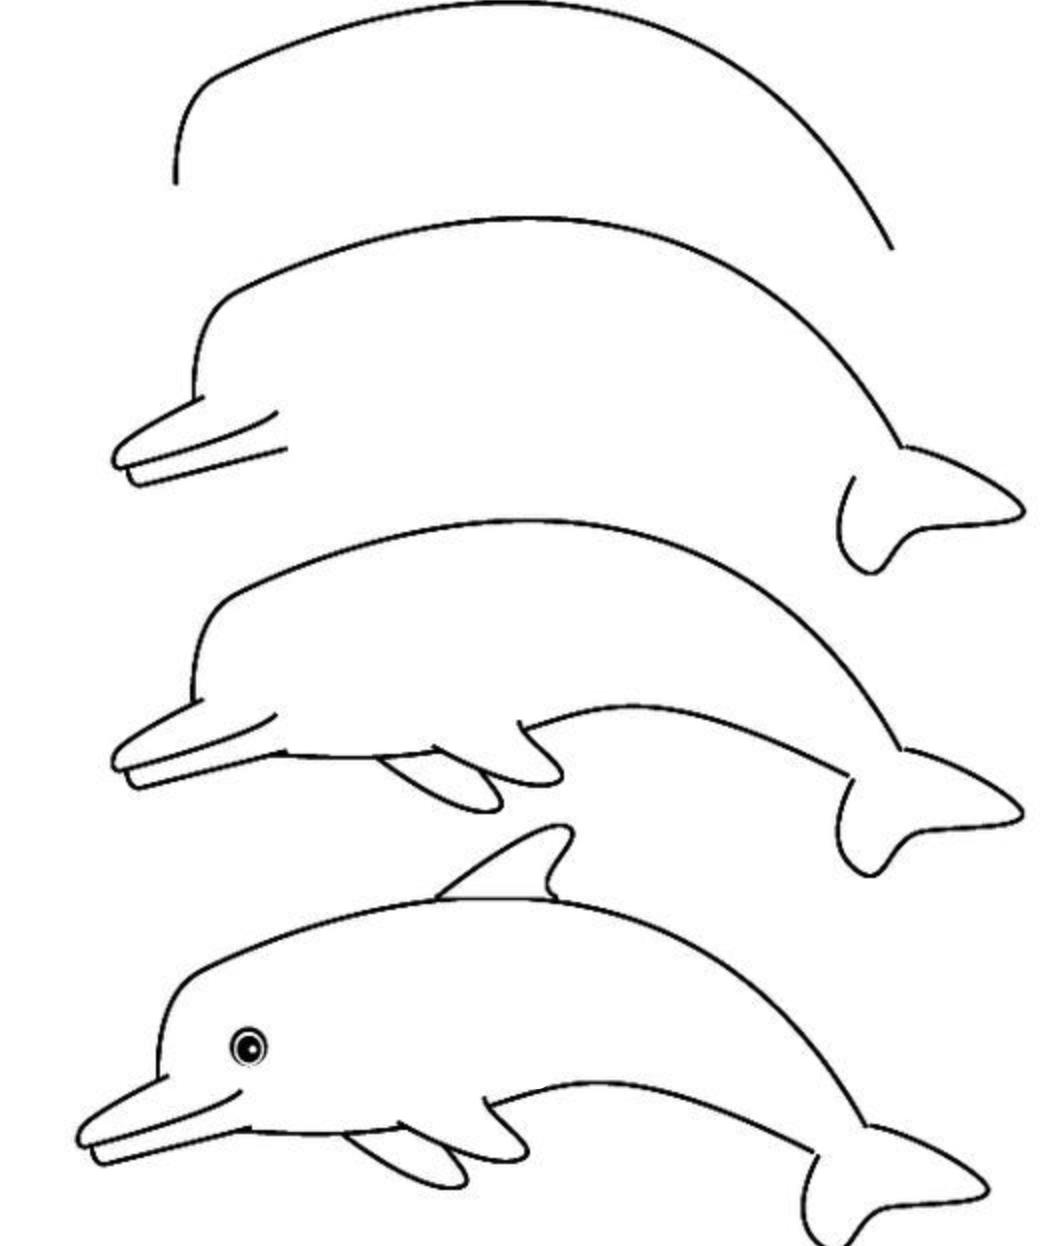 zo kan je snel leuke dieren tekenen voor je leestijd